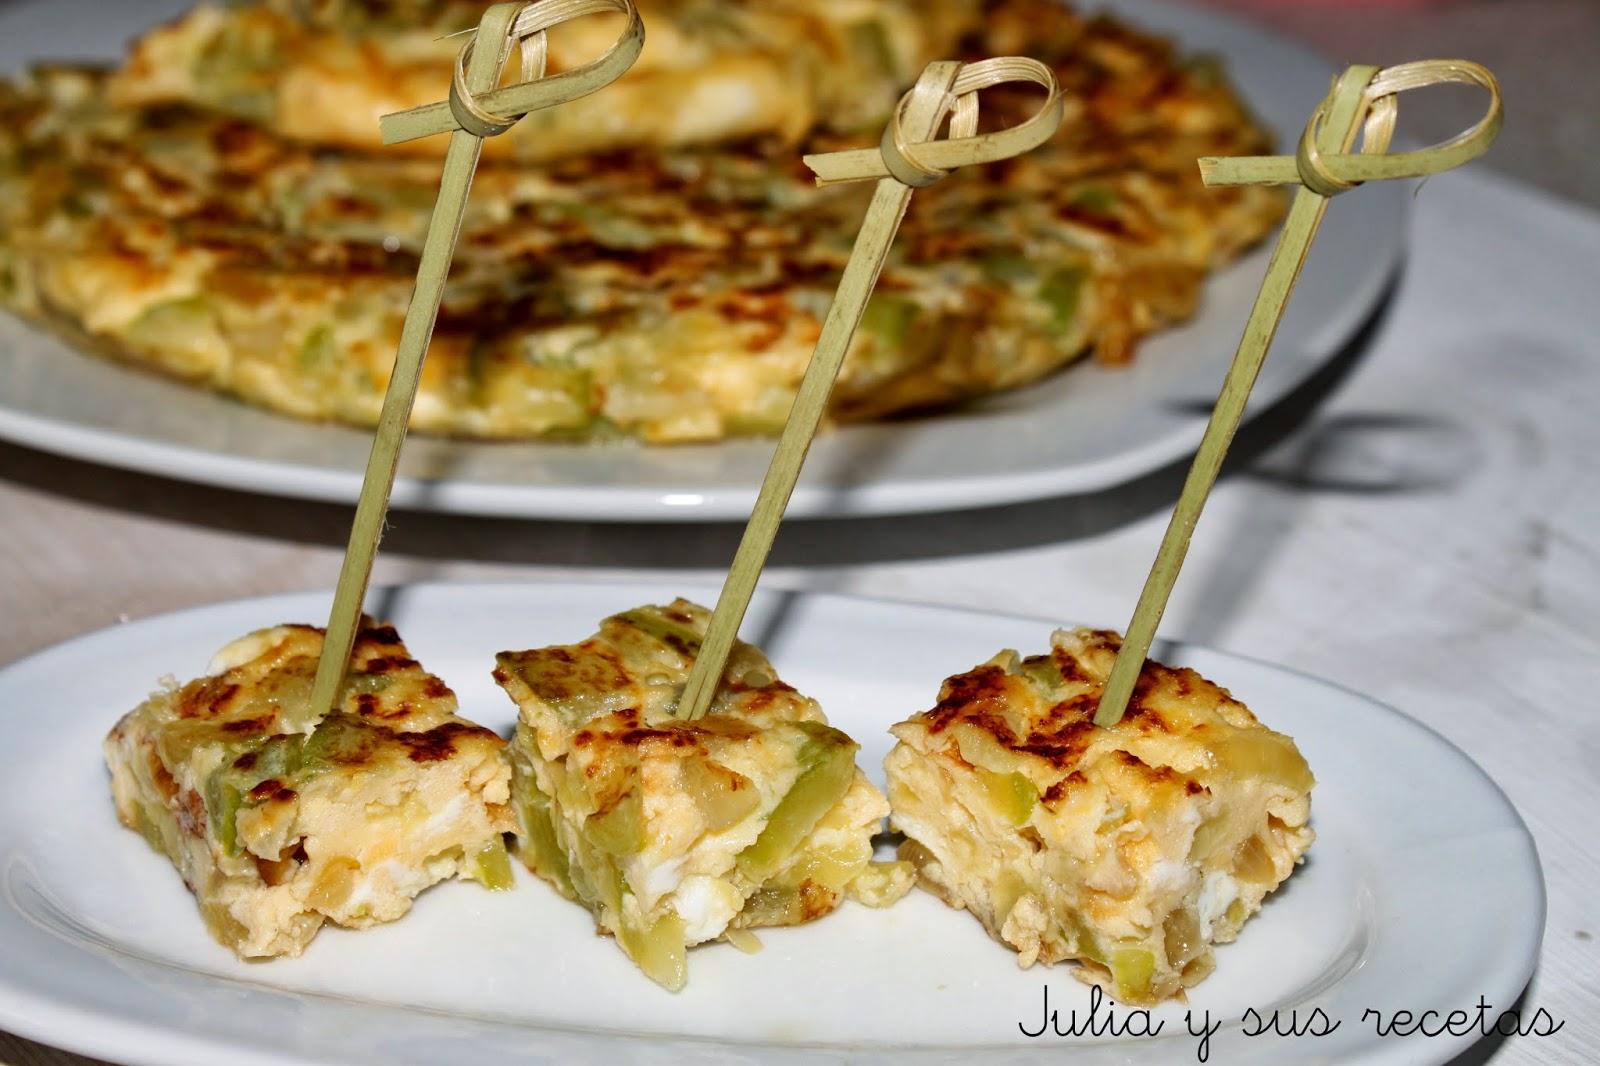 Tortilla de calabacín con cebolla. Julia y sus recetas